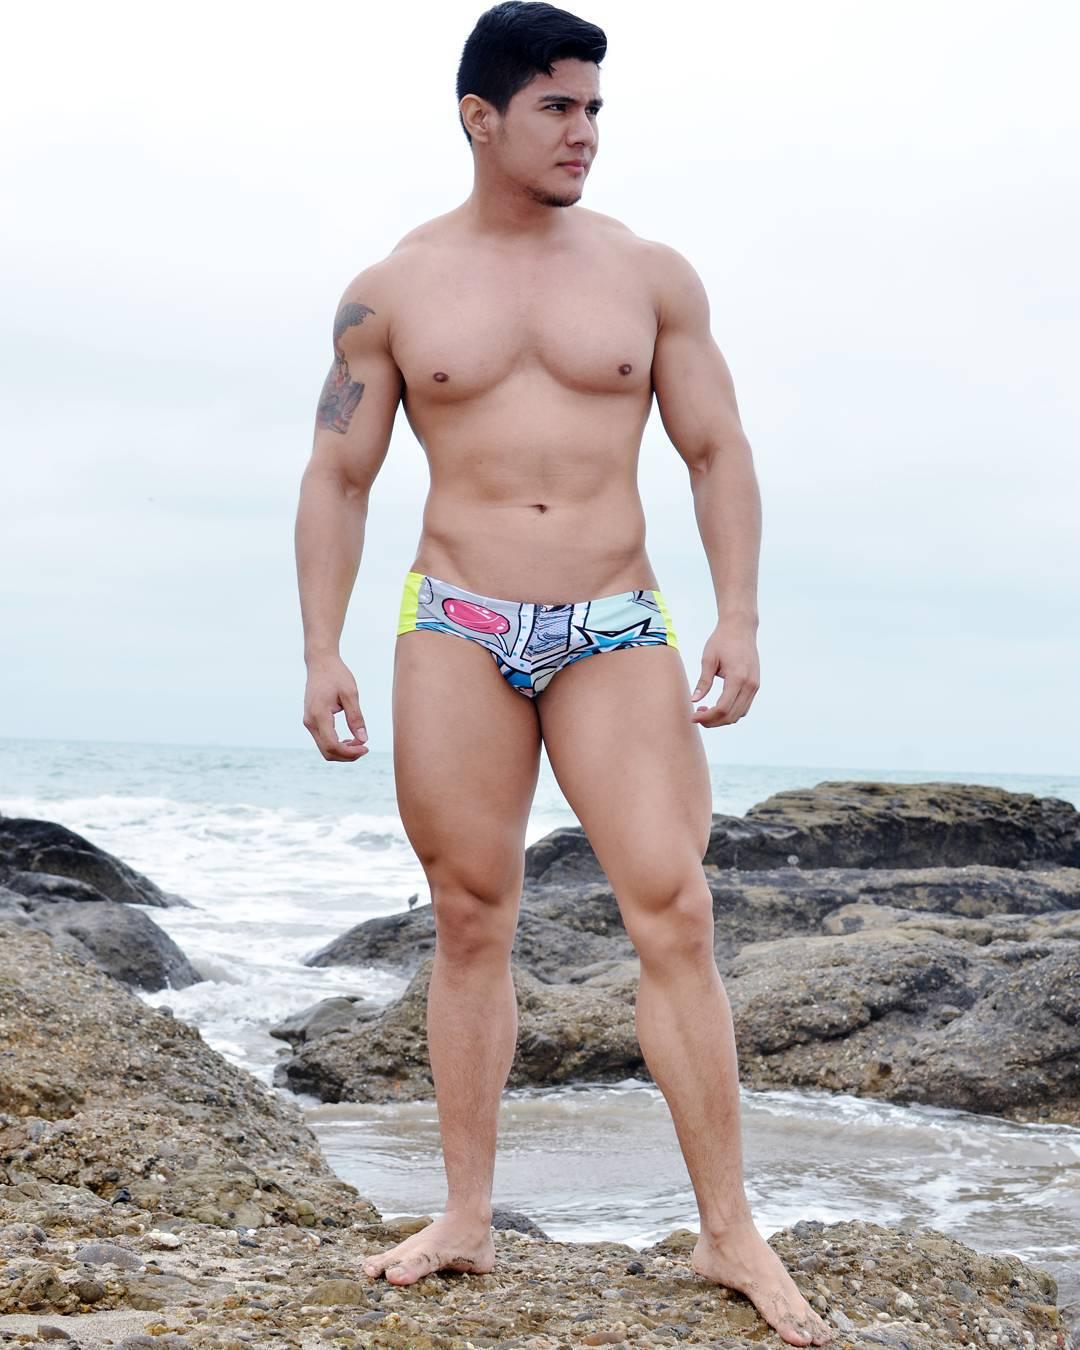 Model: John Harvik